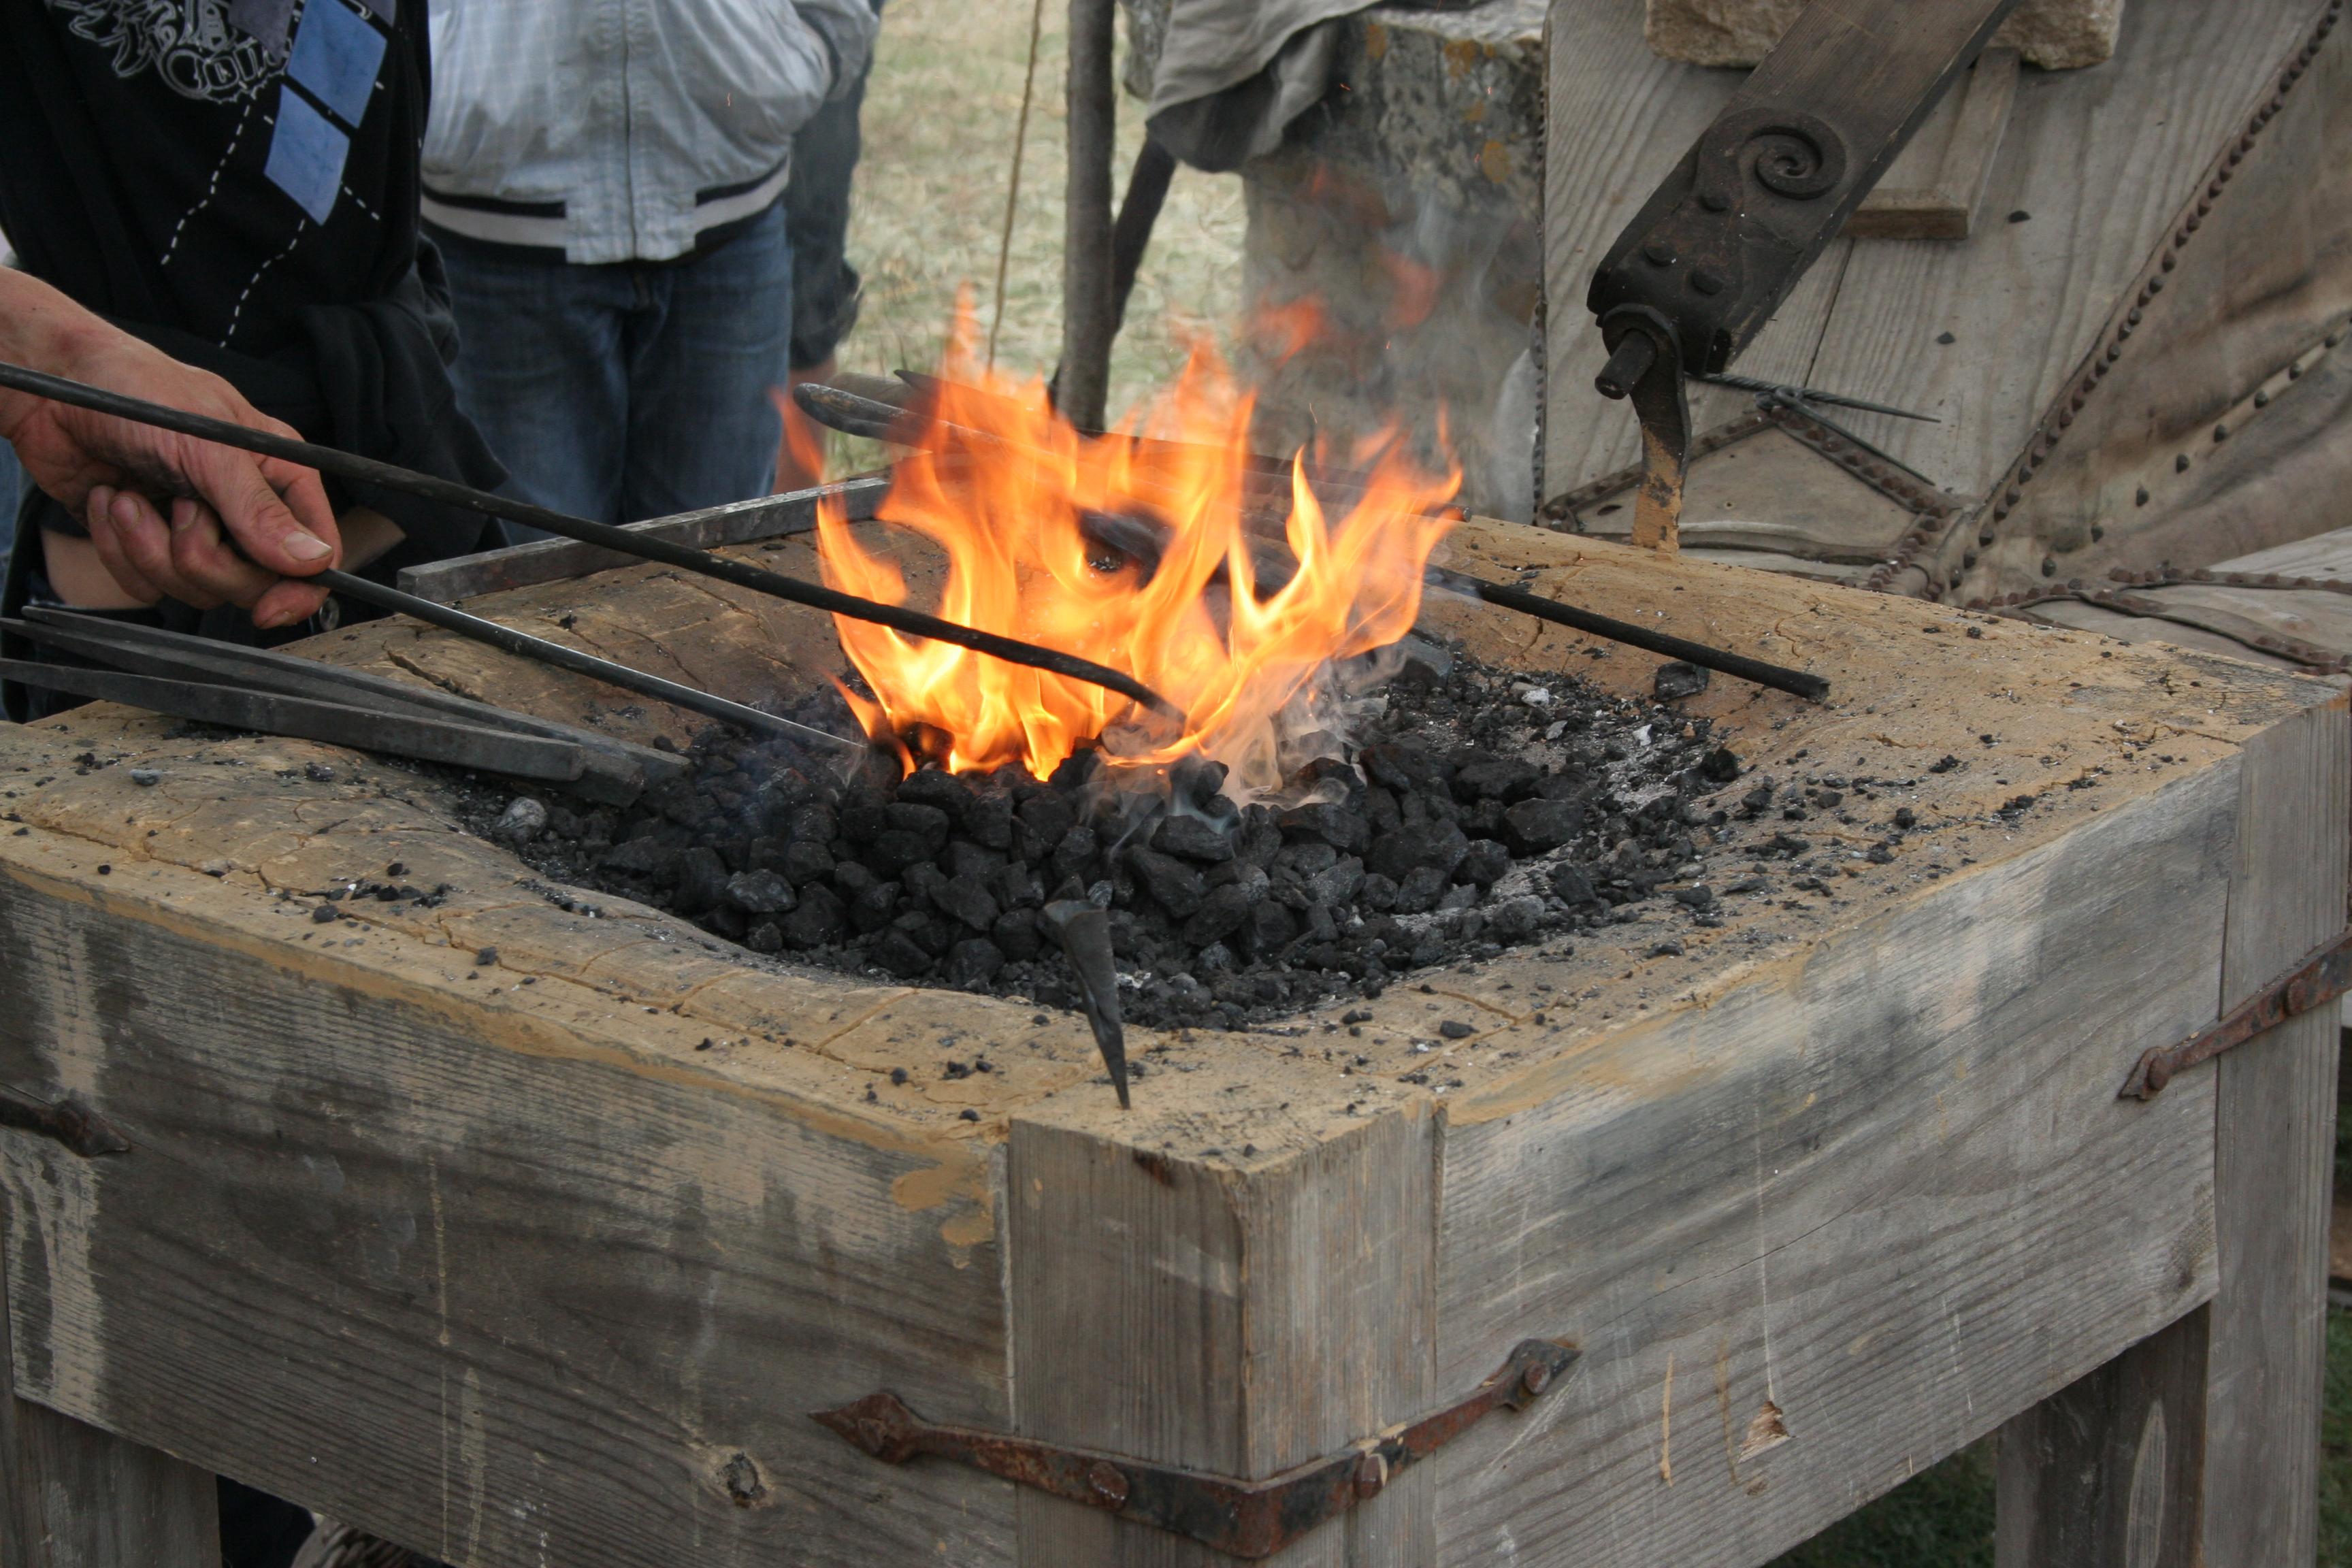 Plan Foyer De Forge : File médiévales ─crèvecœur en auge─atelier forge